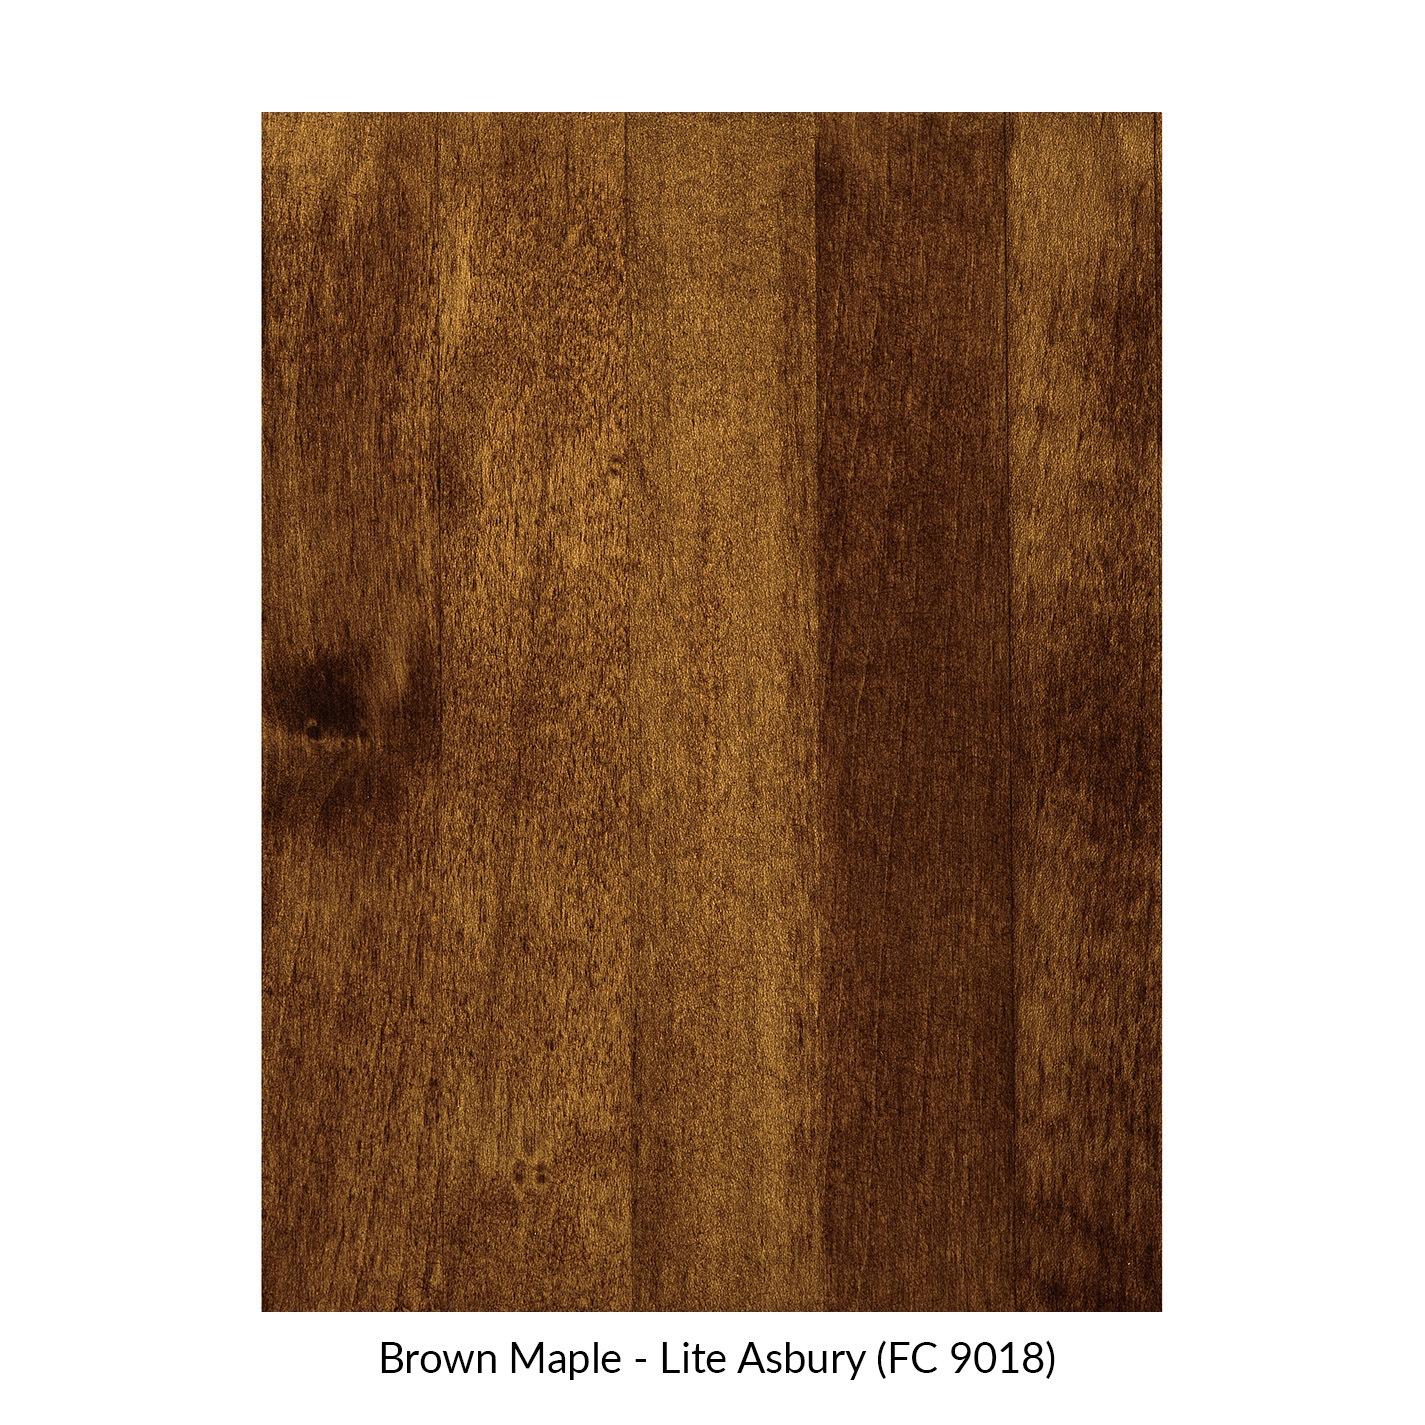 spectrum-brown-maple-lite-asbury-fc-9018.jpg